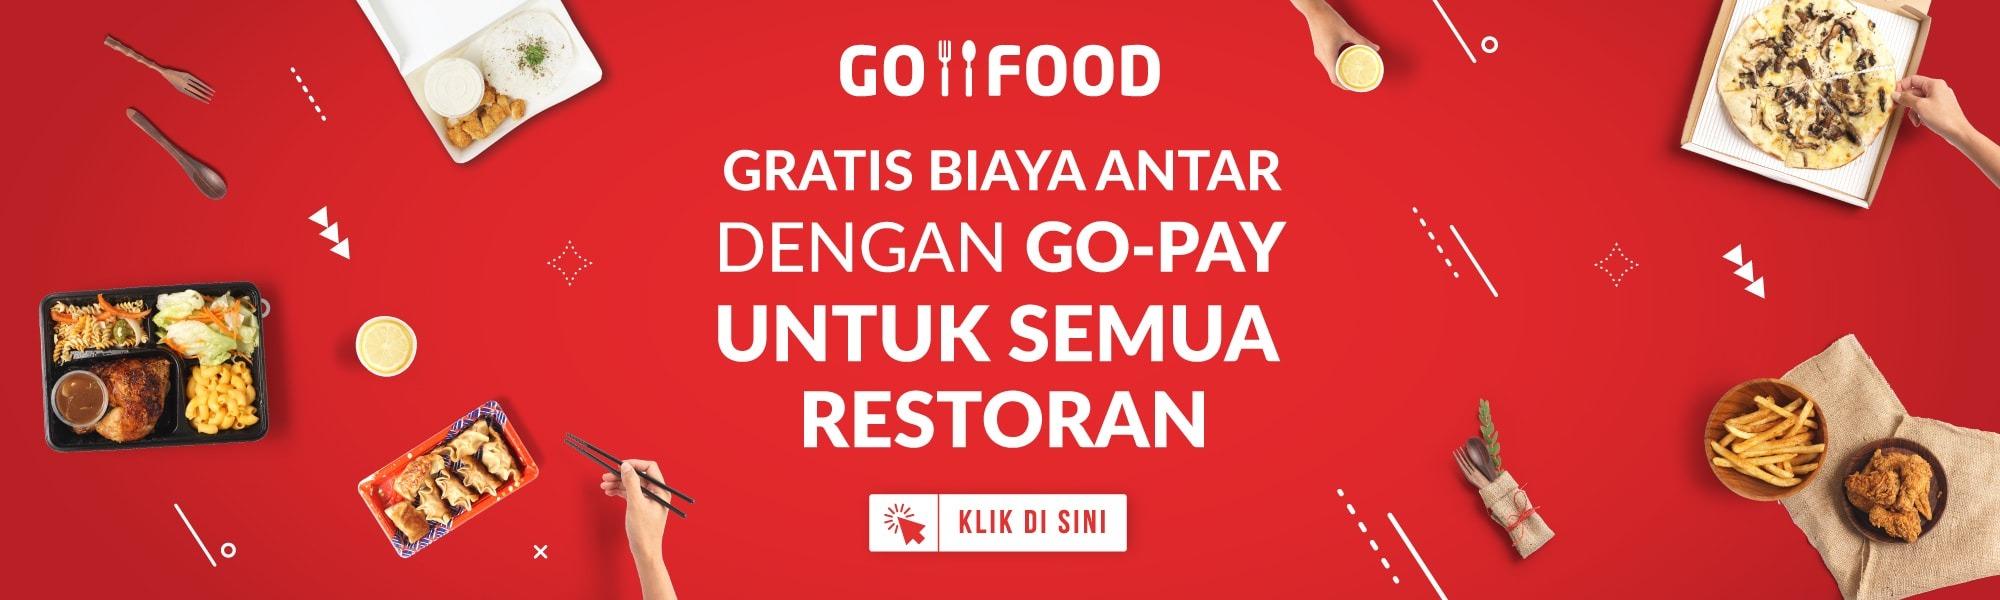 Nikmati GRATIS Biaya Antar GO-FOOD Menggunakan GO-PAY Untuk Semua Restoran | GO-FOOD